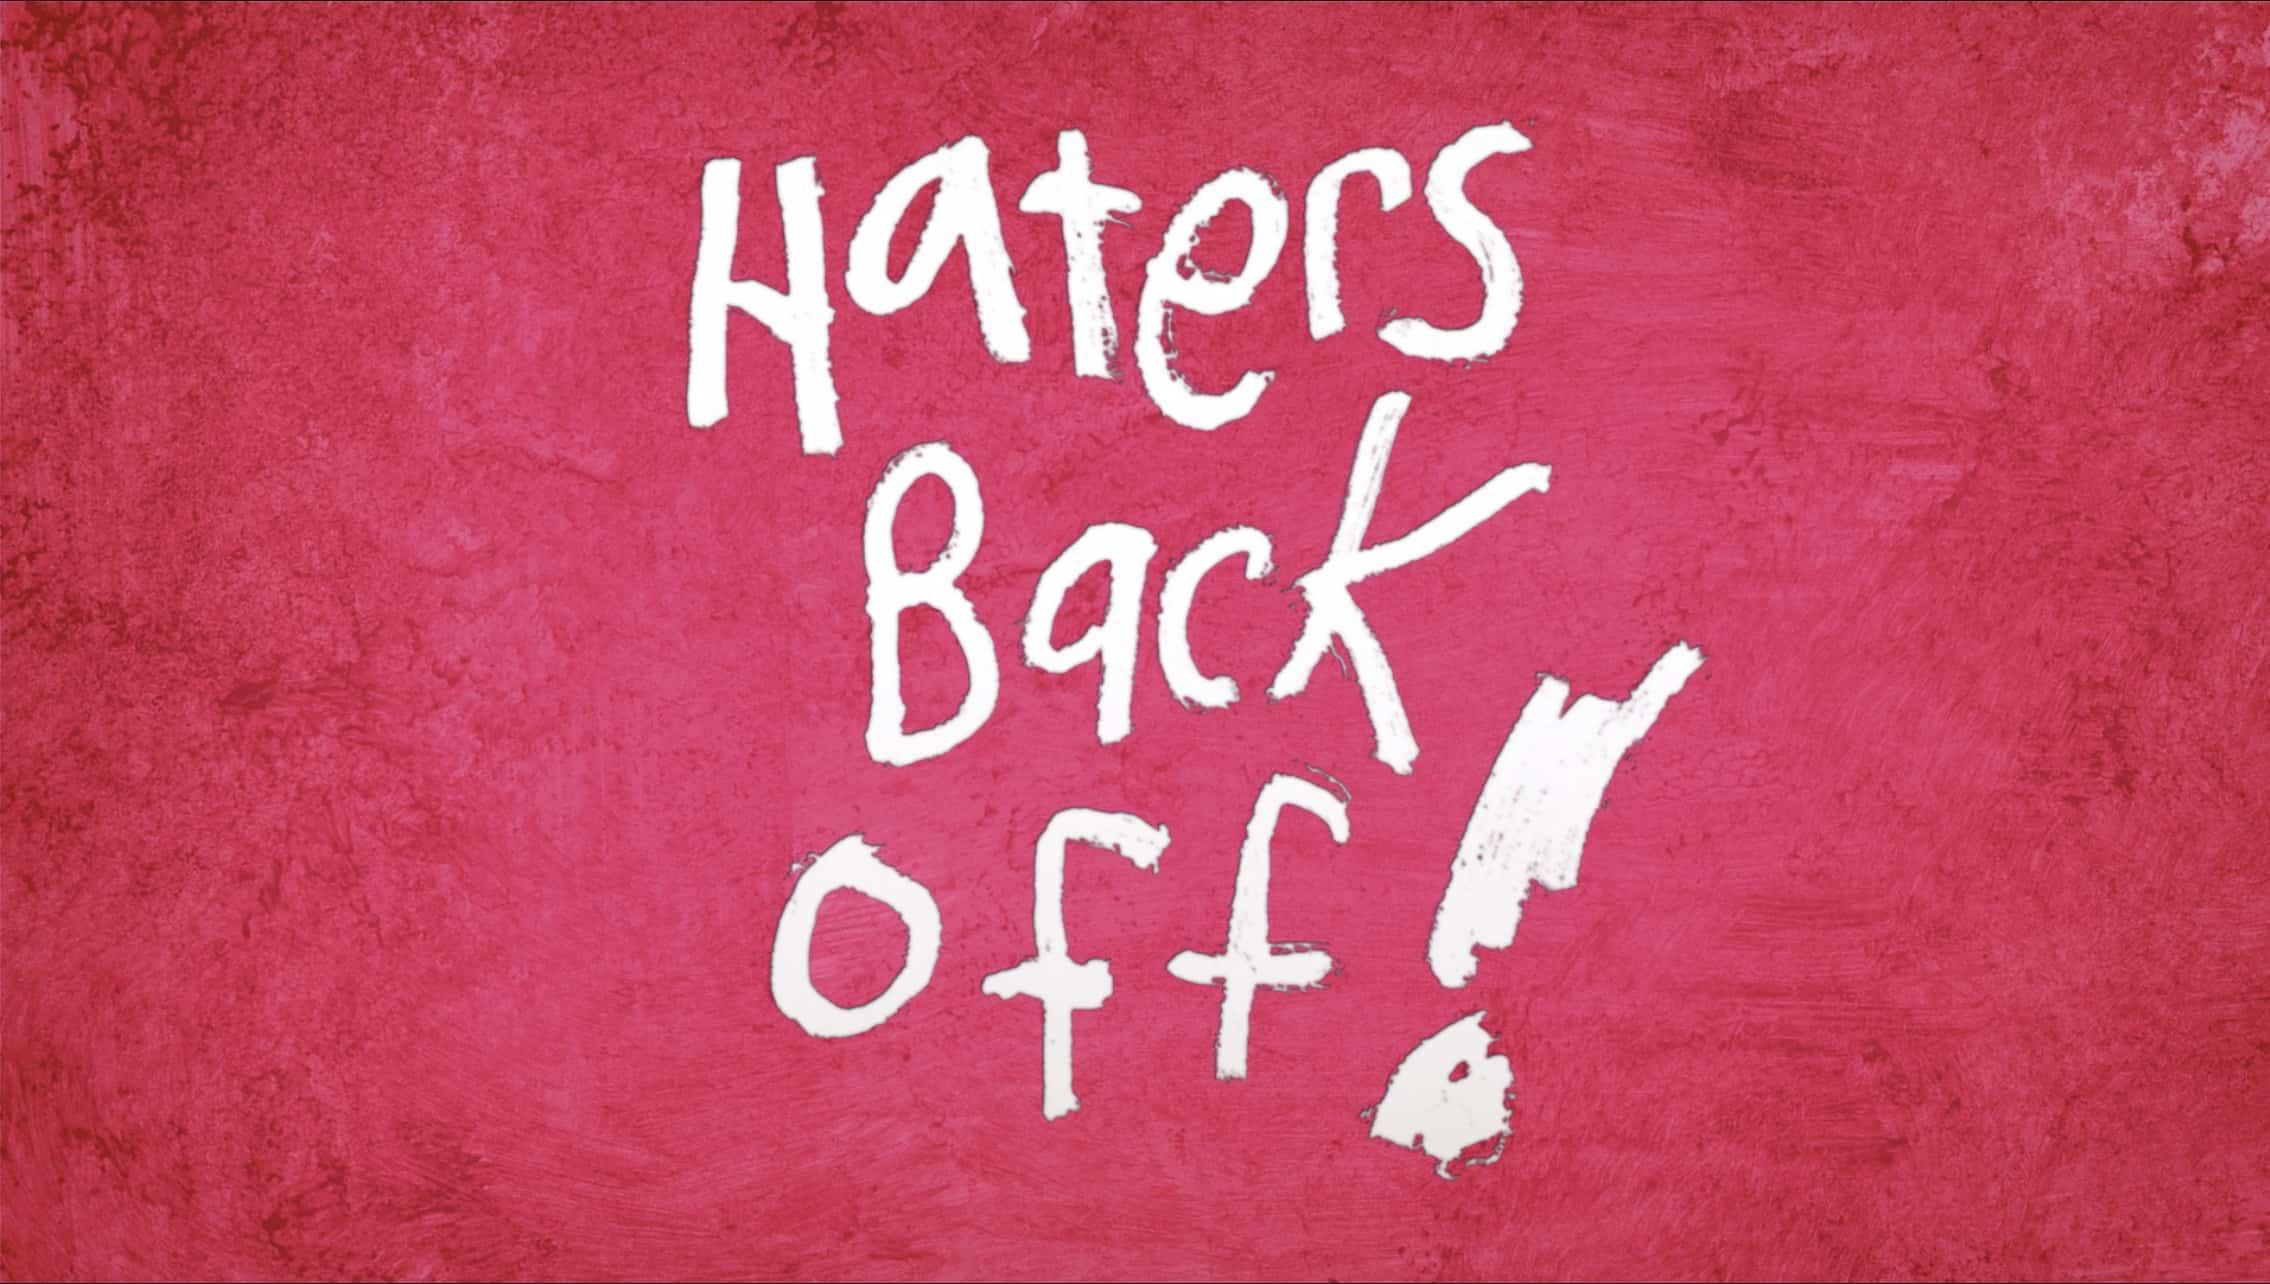 haters back off doppiaggio